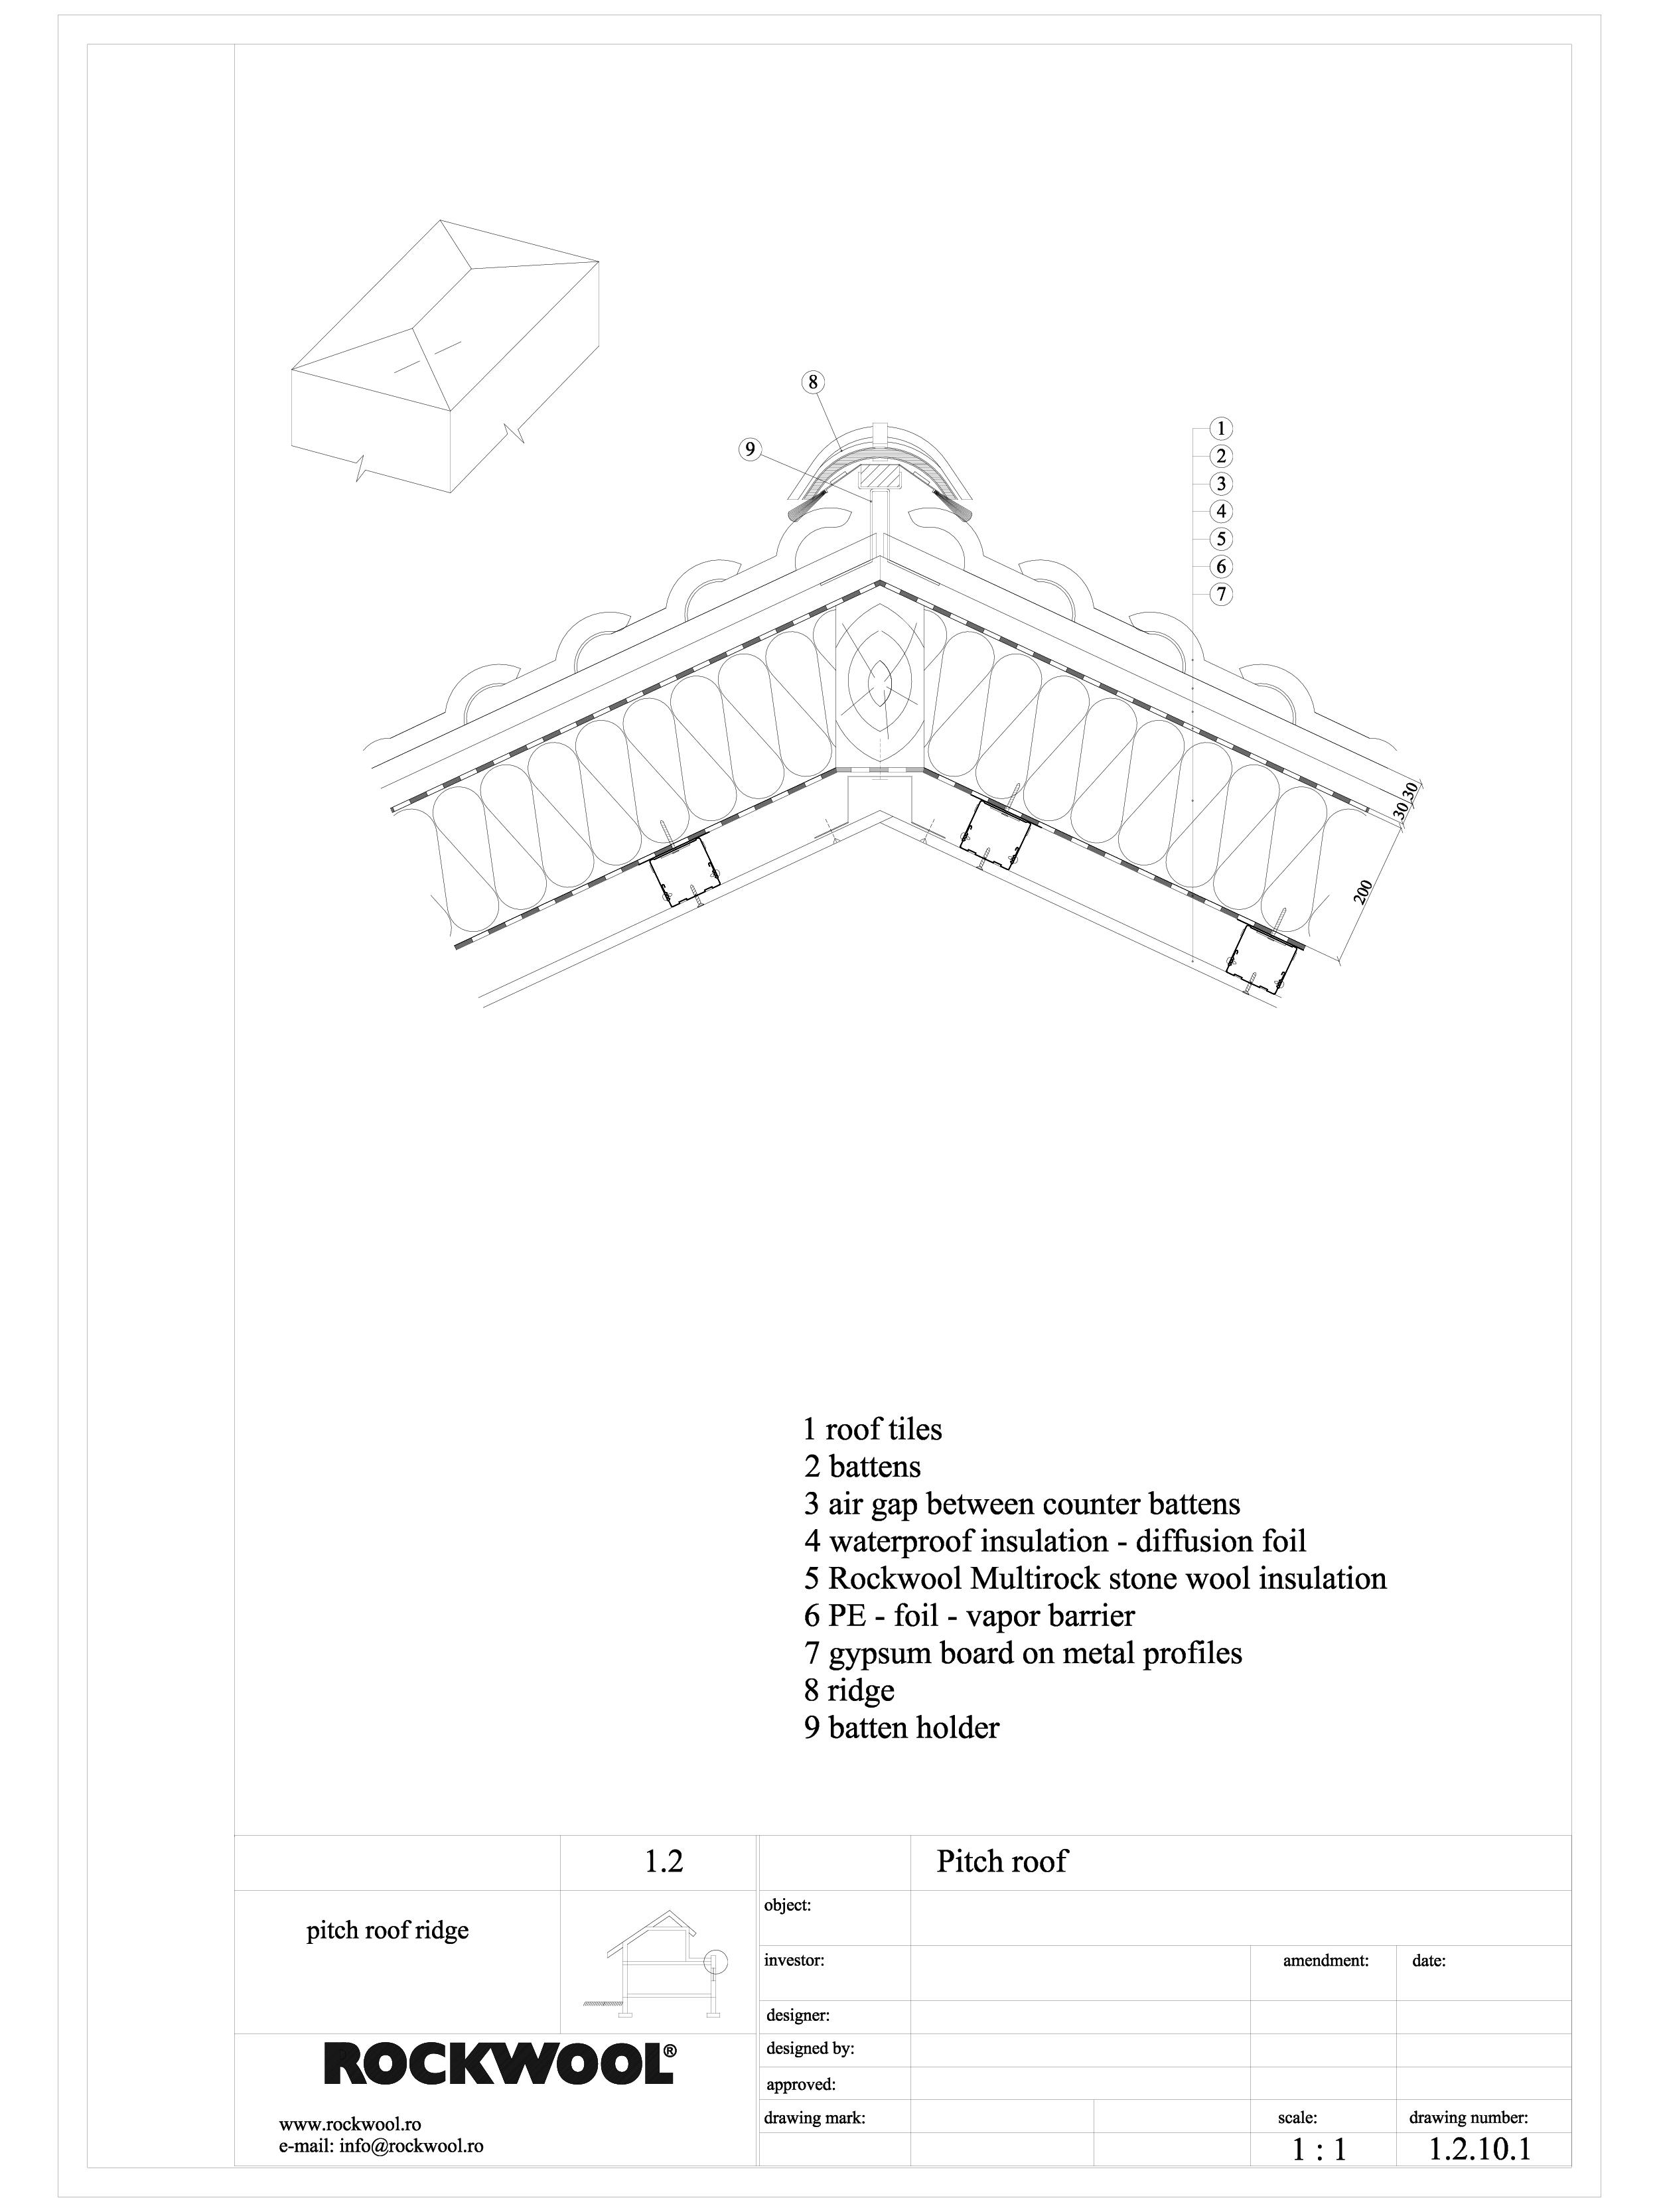 Termoizolarea acoperisului mansardat - detaliu de muchie ROCKWOOL Termoizolatie vata bazaltica pentru acoperisuri ROCKWOOL ROMANIA  - Pagina 1